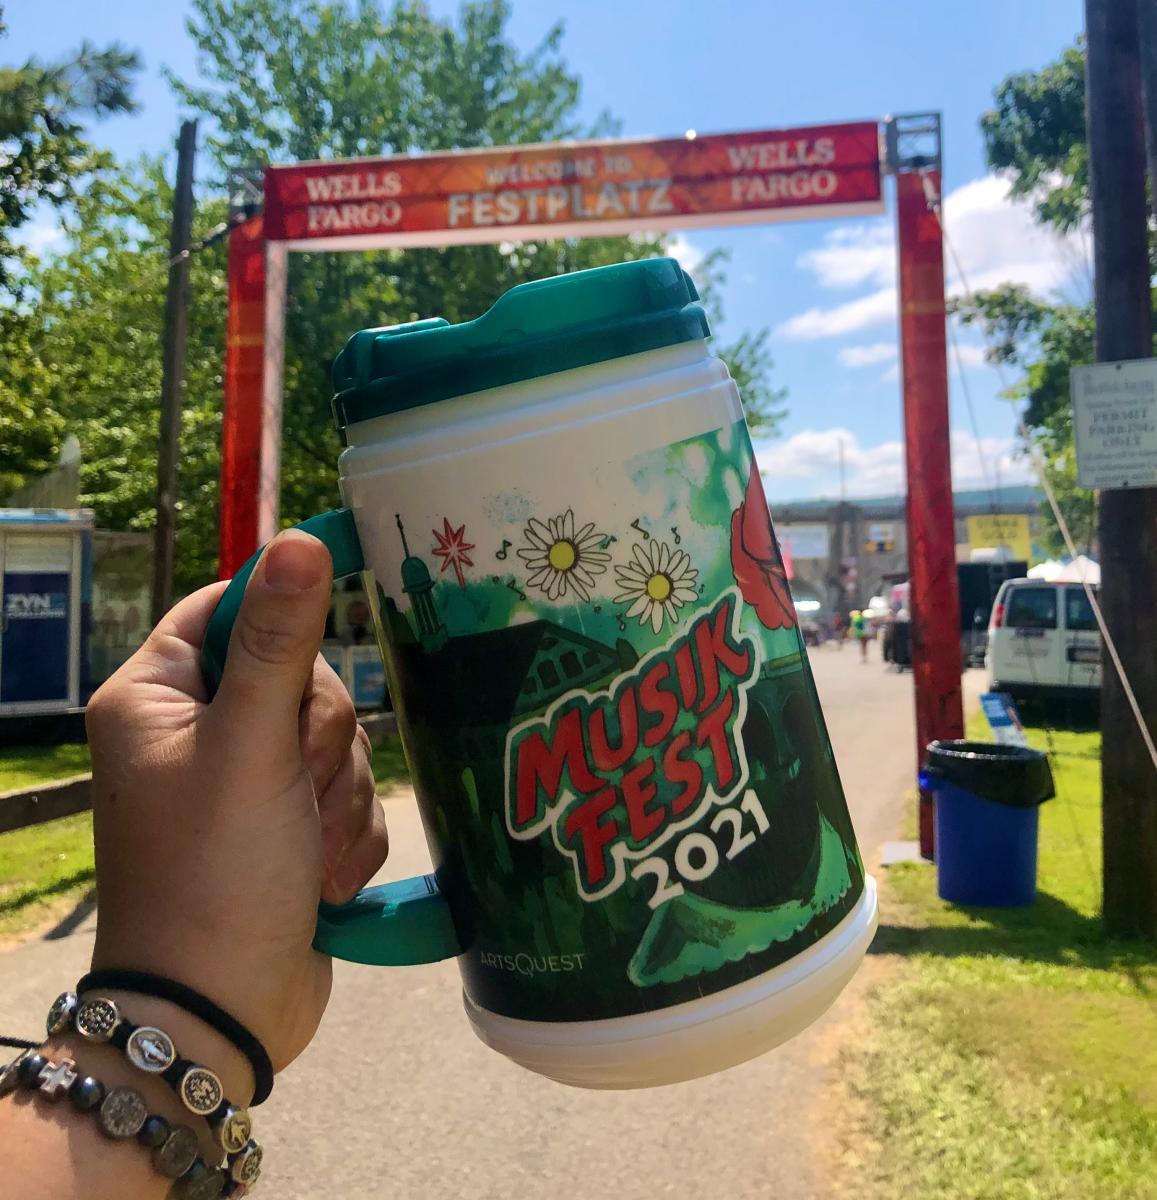 A Musikfest mug at Fest Platz at Musikfest in Bethlehem, PA